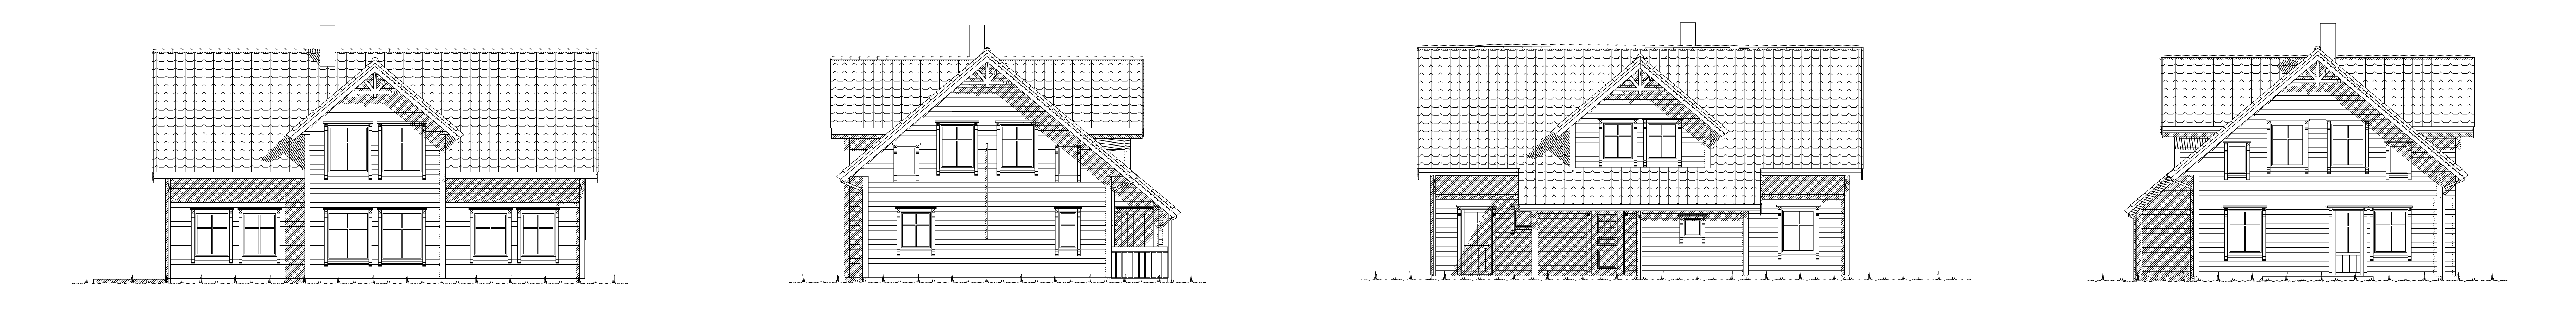 Saudehornet fasade